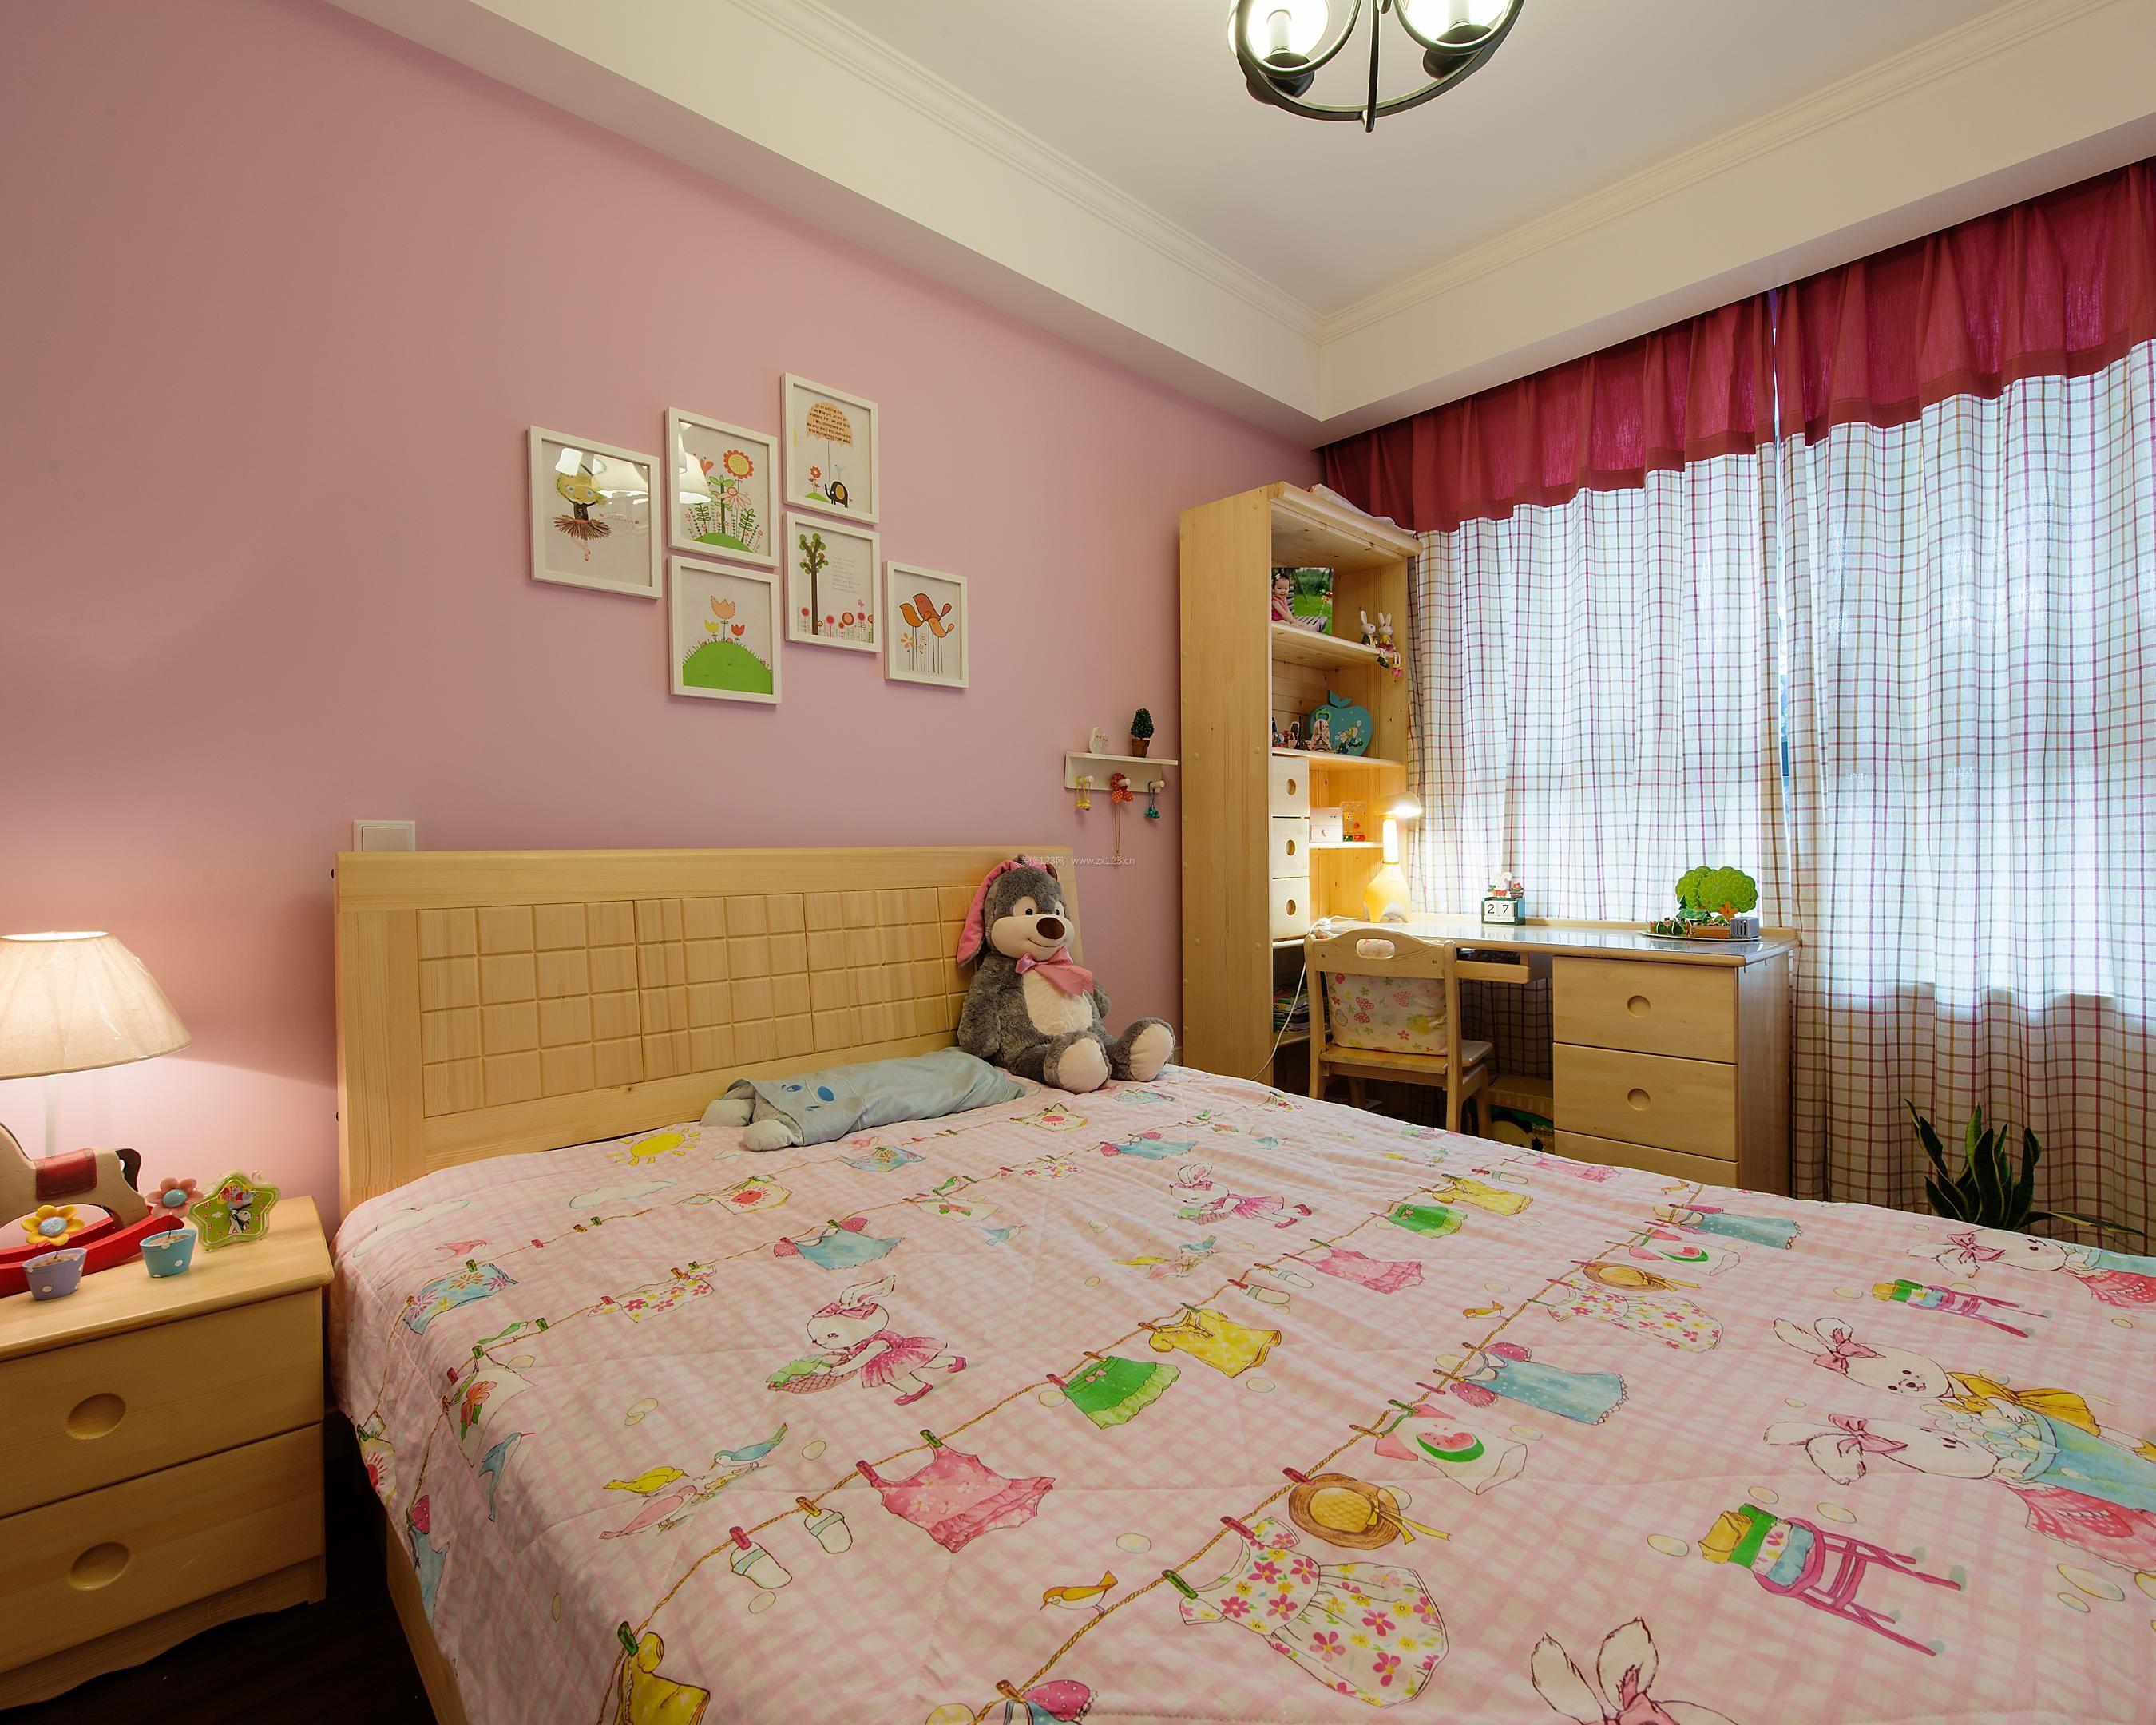 简单美式女孩卧室装修效果图图片